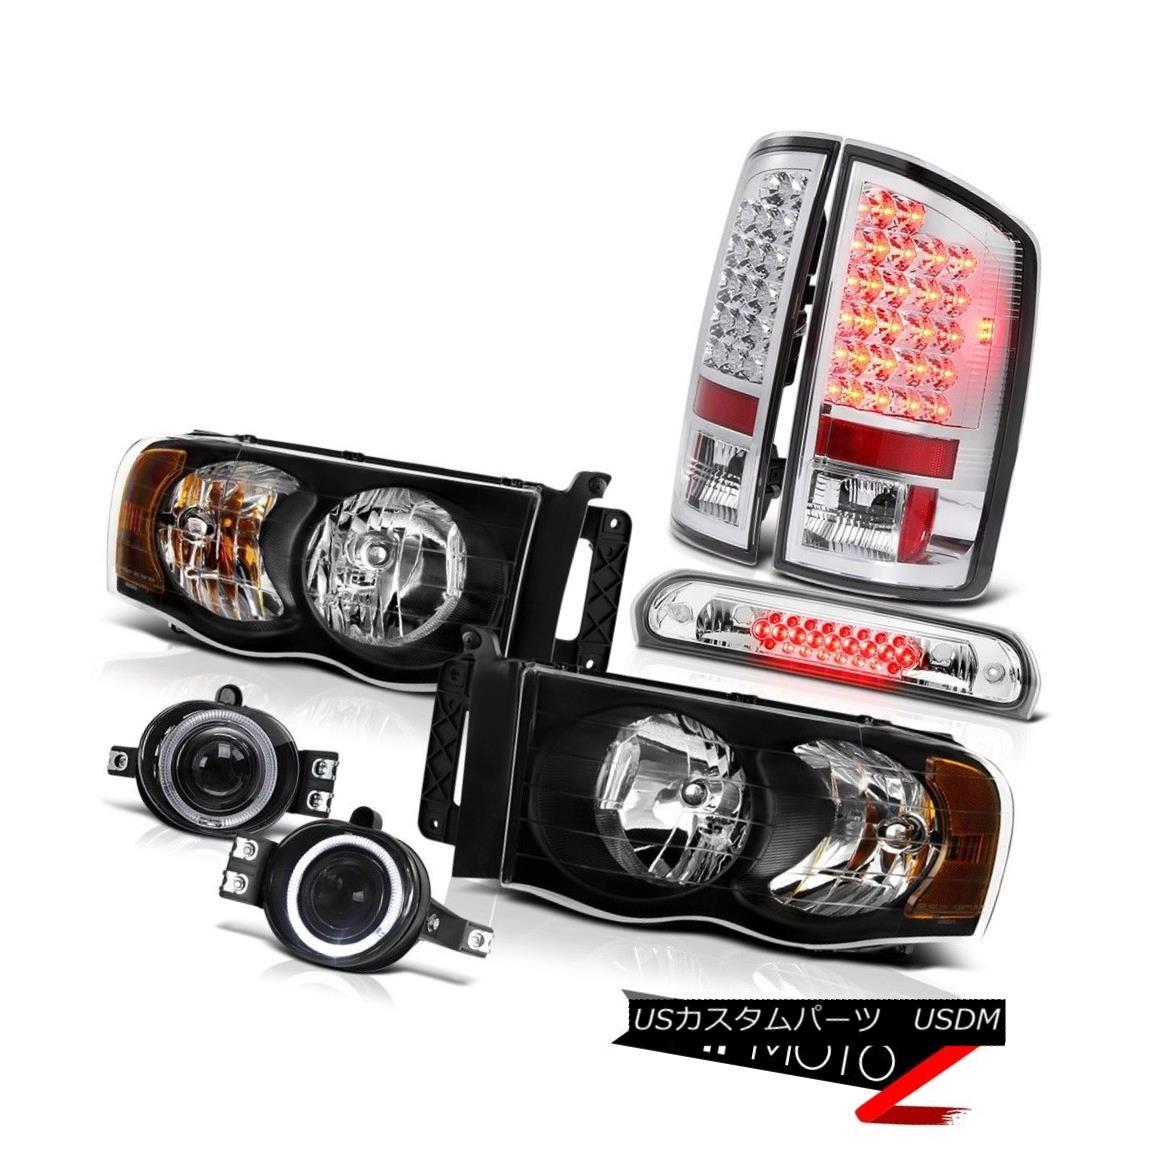 テールライト 02-05 Ram V8 Black Headlights SMD Rear Tail Lights Projector Foglights 3rd LED 02-05 Ram V8ブラックヘッドライトとリアテールライトプロジェクターフォグライト第3 LED